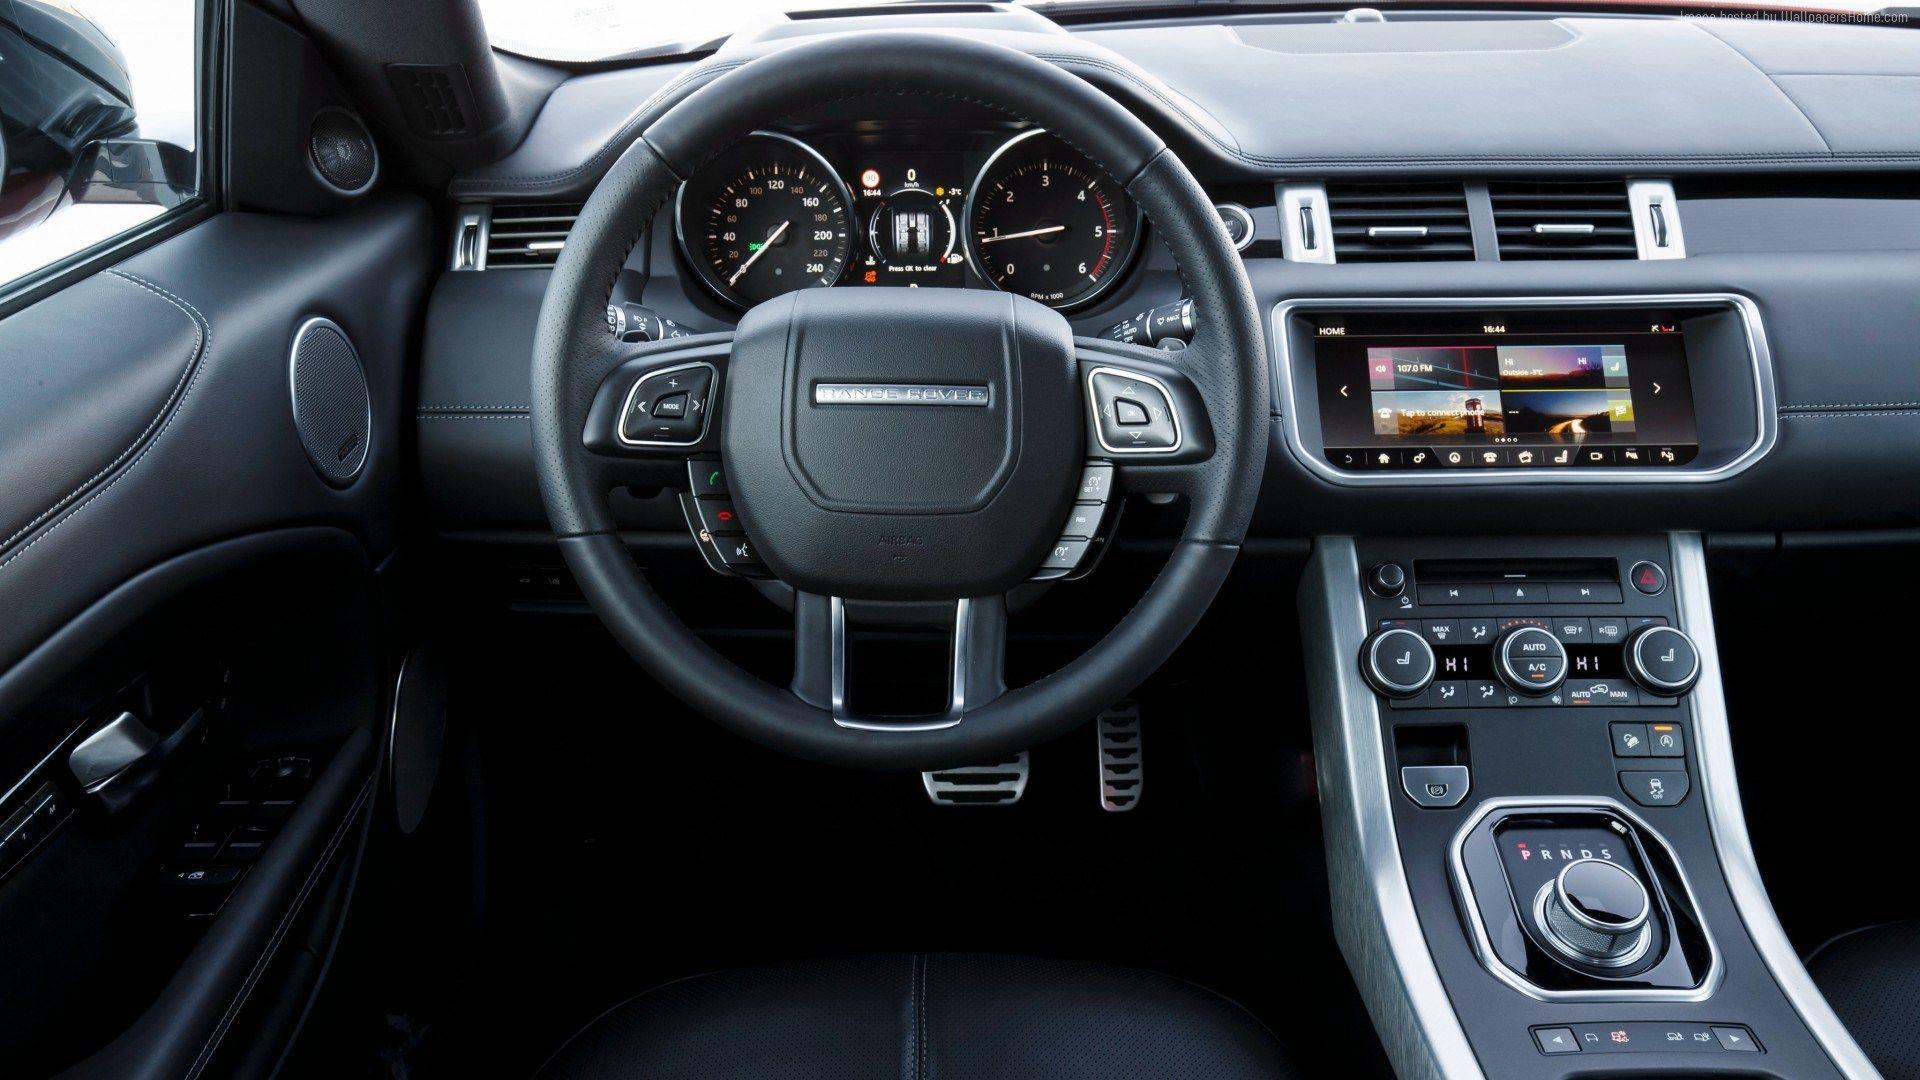 Range Rover Evoque Convertible Wallpaper Range Rover Evoque